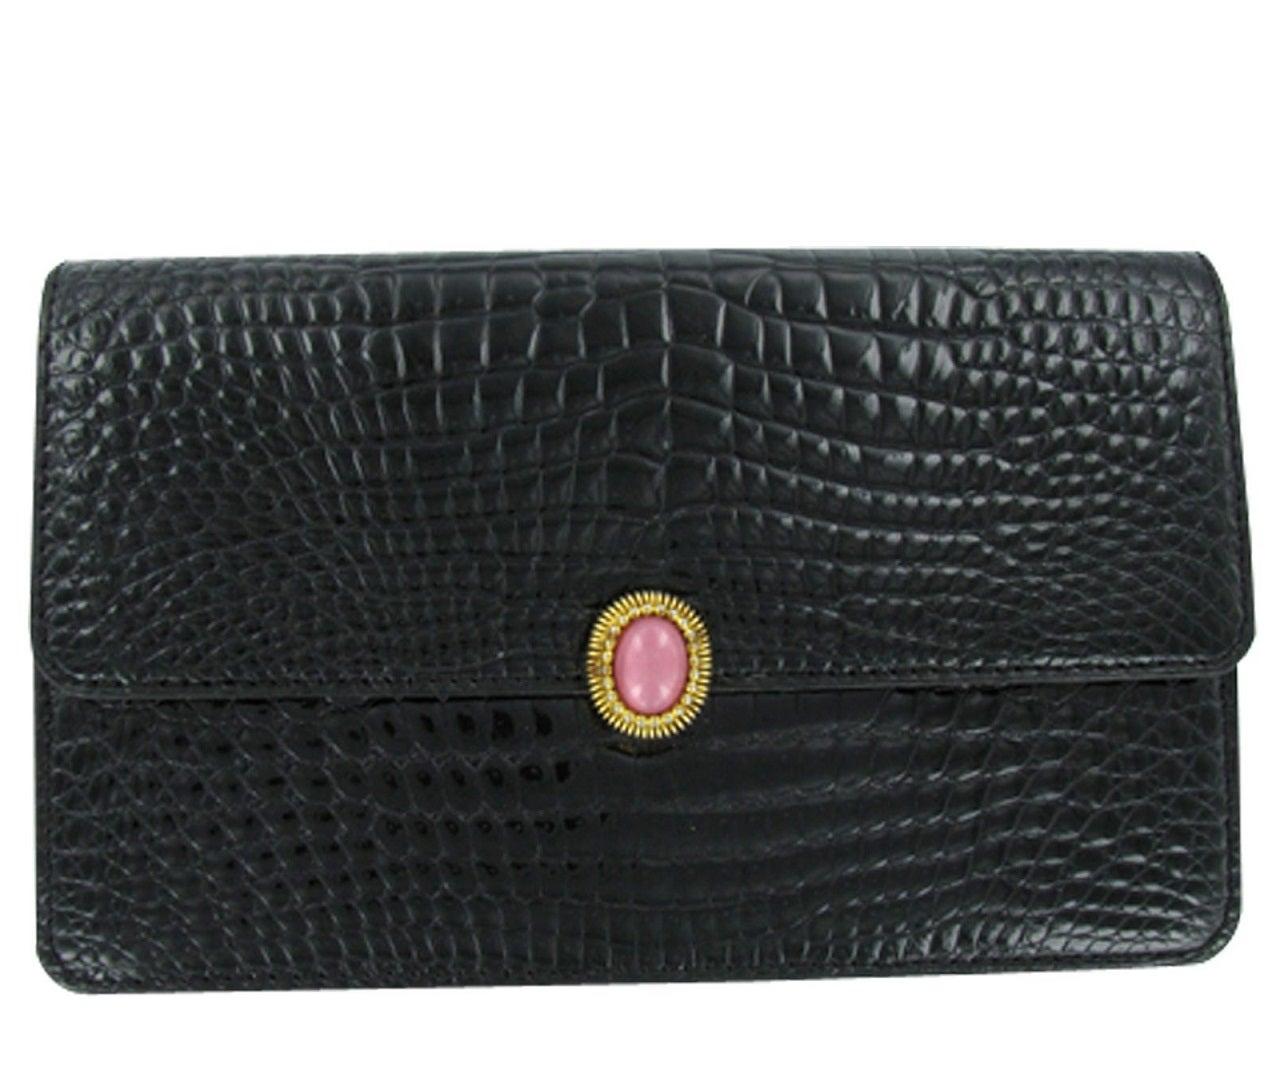 モラビト 黒 クロコダイル カラーストーン付きデザイン長財布 美品の買取強化例です。